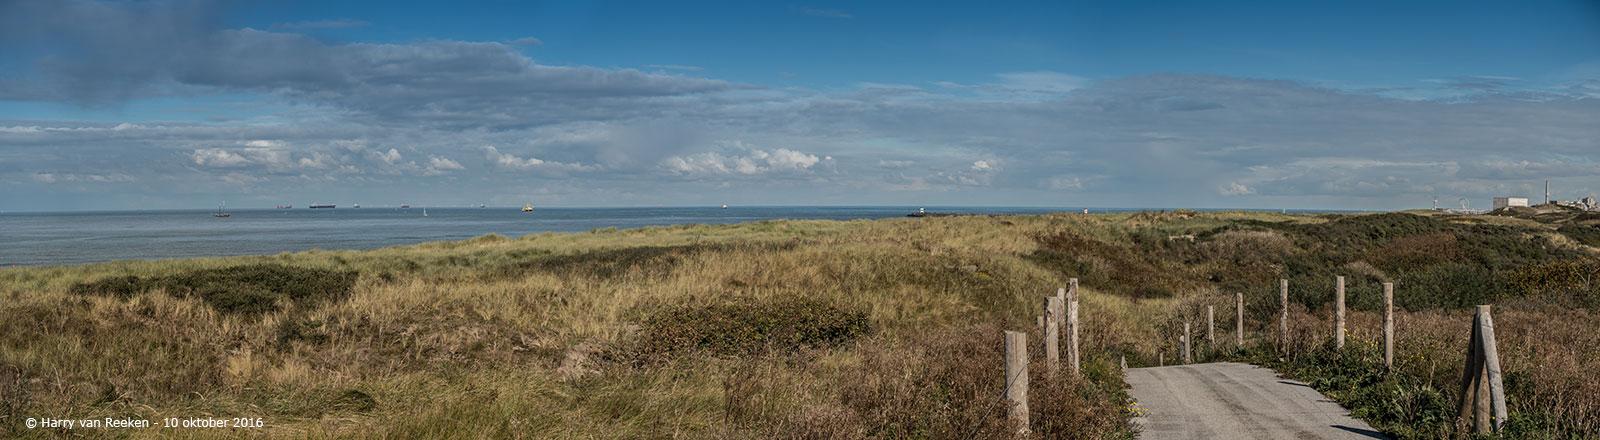 Strand-bij-Duindorp-1-pan